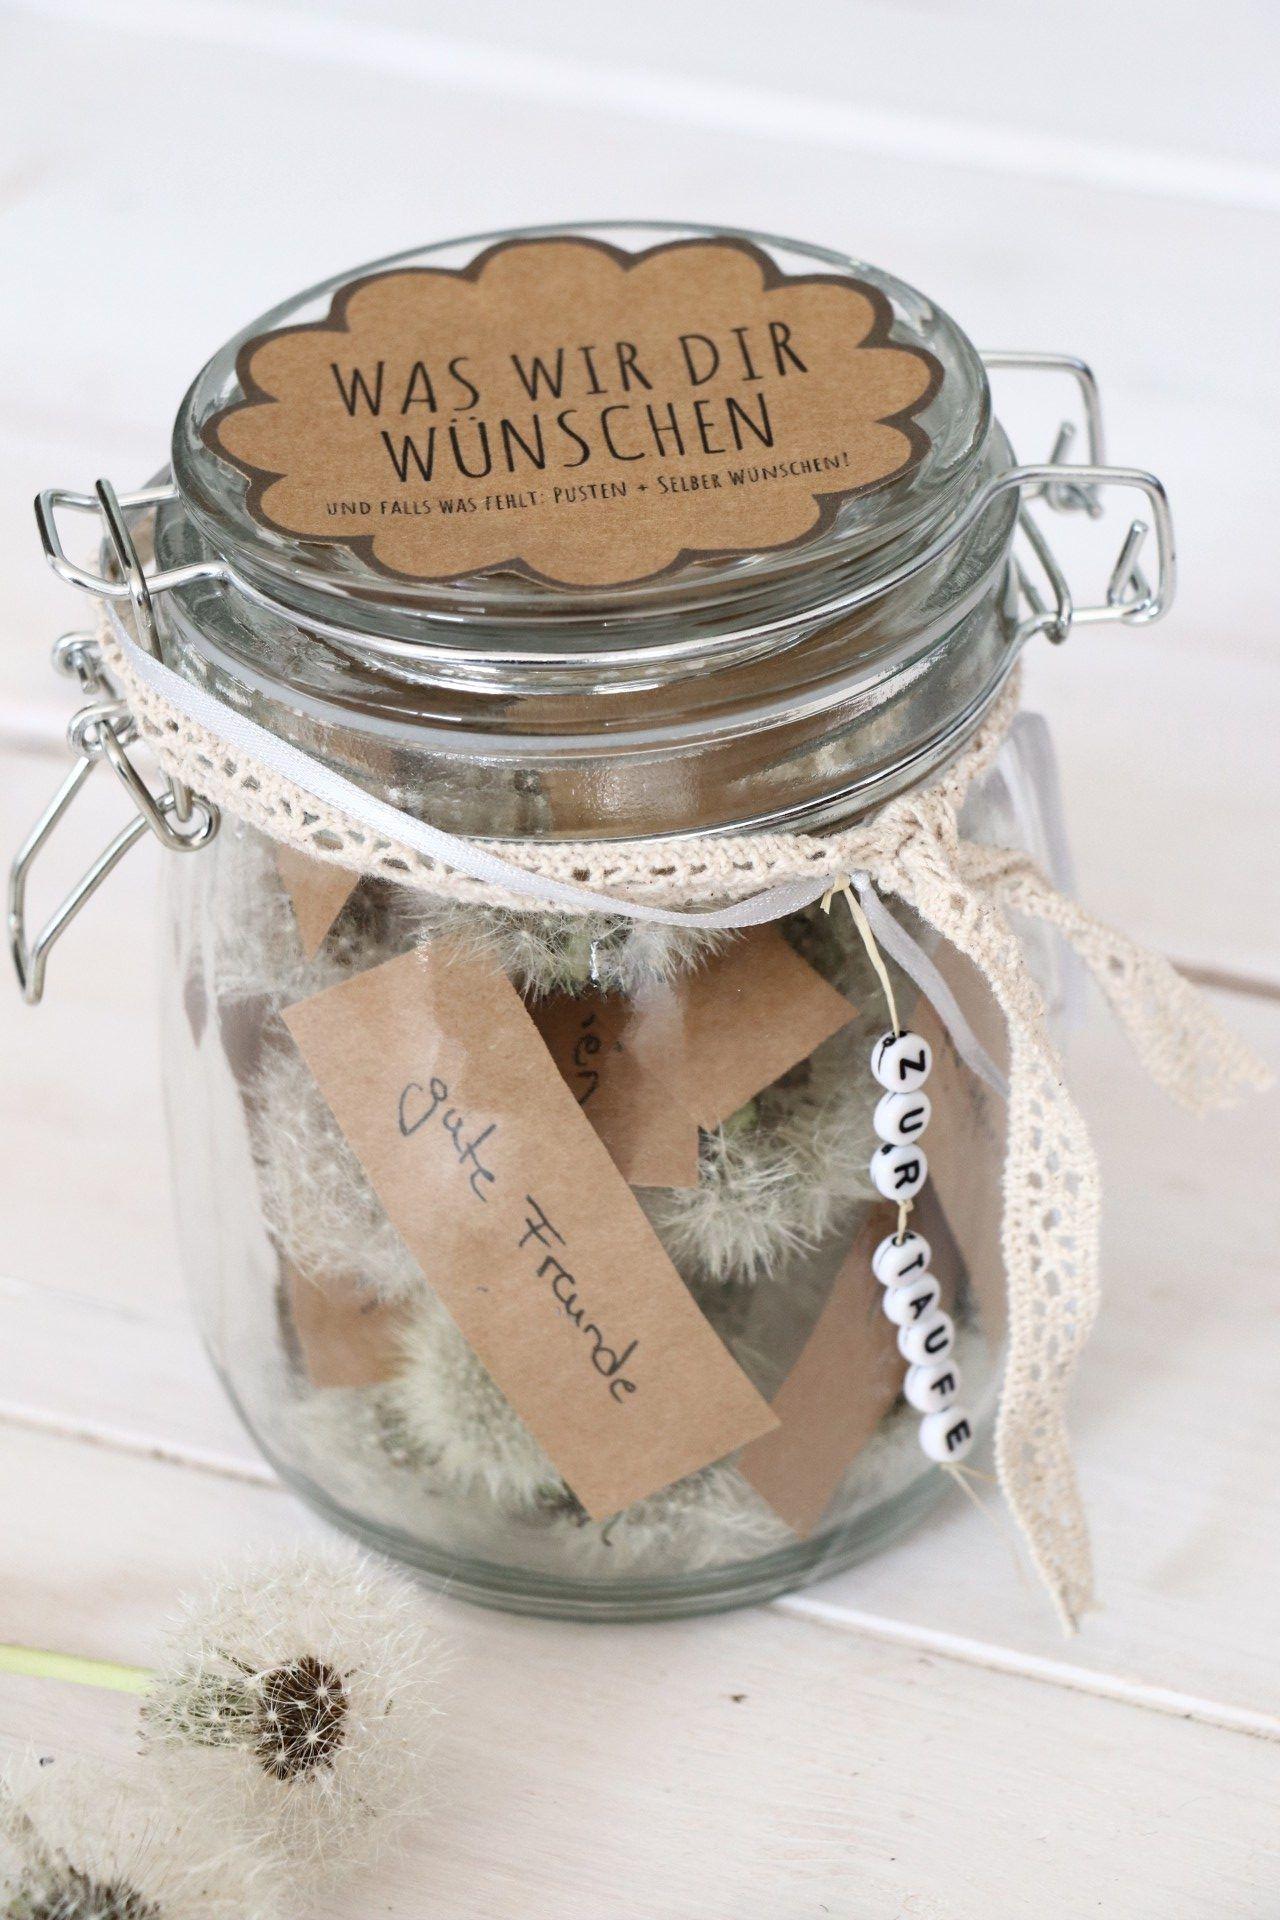 Persönliches Geschenk zur Taufe: Pusteblumen im Glas - Lavendelblog #geschenkideen